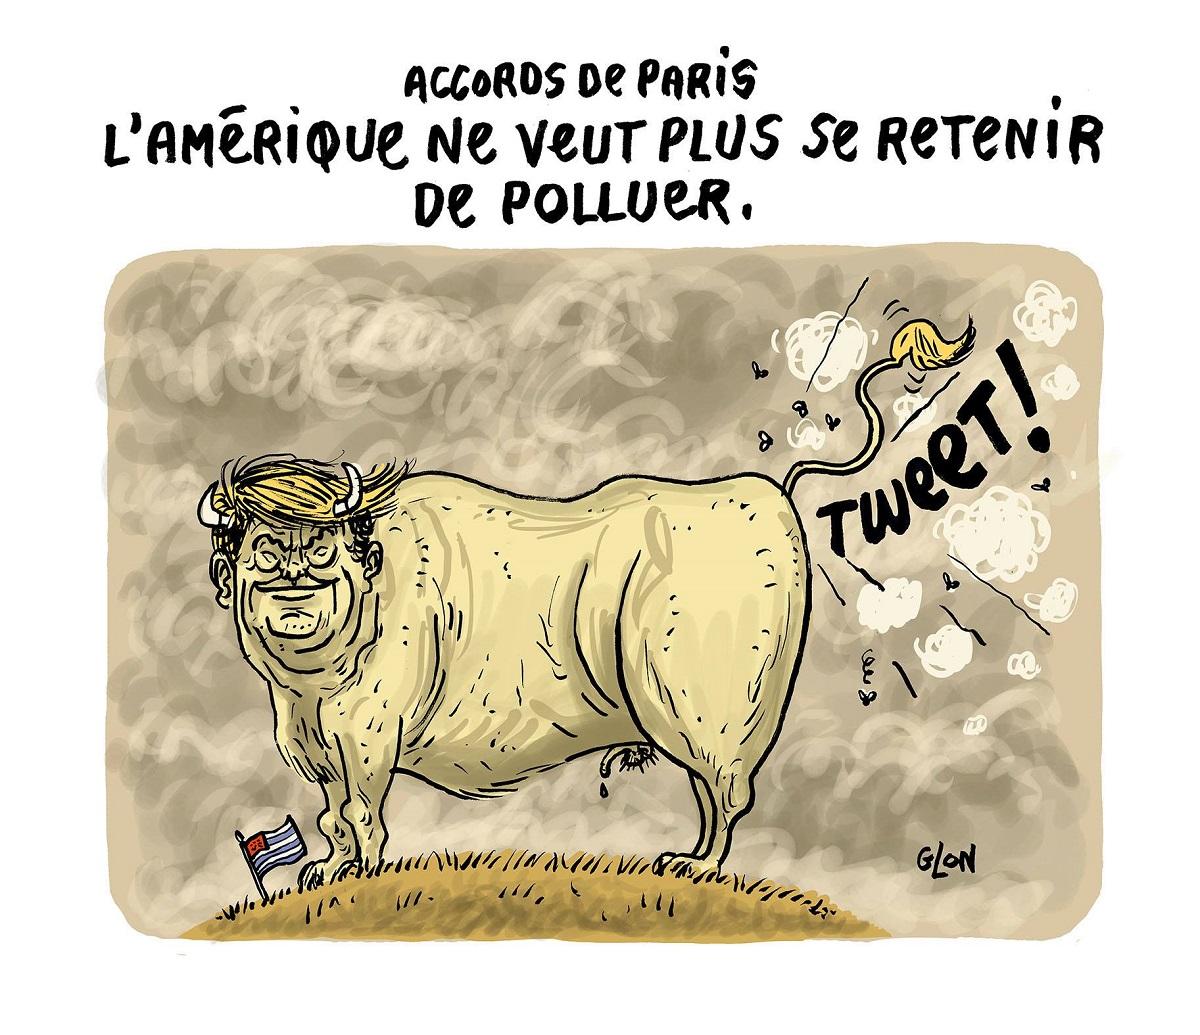 dessin rigolo de Donald Trump en boeuf pollueur